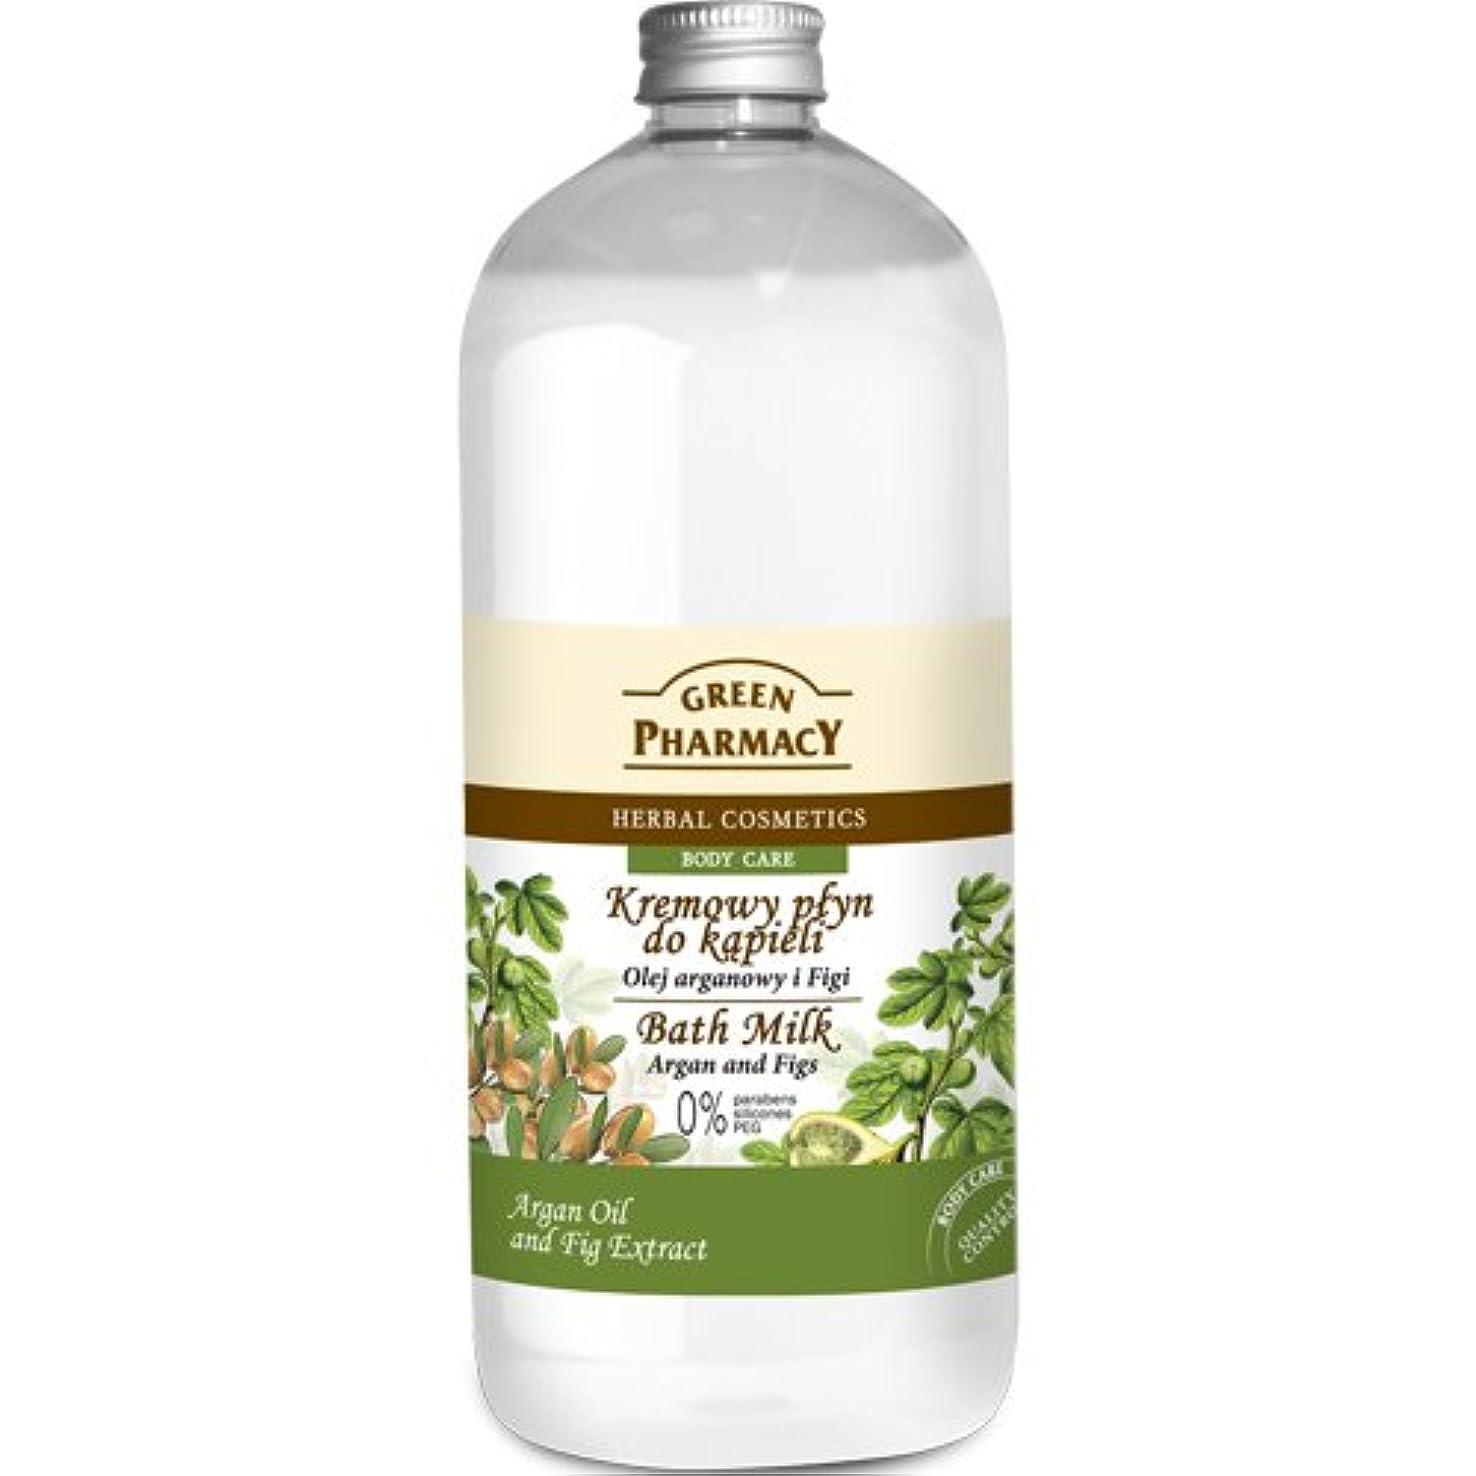 取り替える文庫本ポルトガル語Elfa Pharm Green Pharmacy グリーンファーマシー Bath Milk バスミルク Argan Oil&Figs